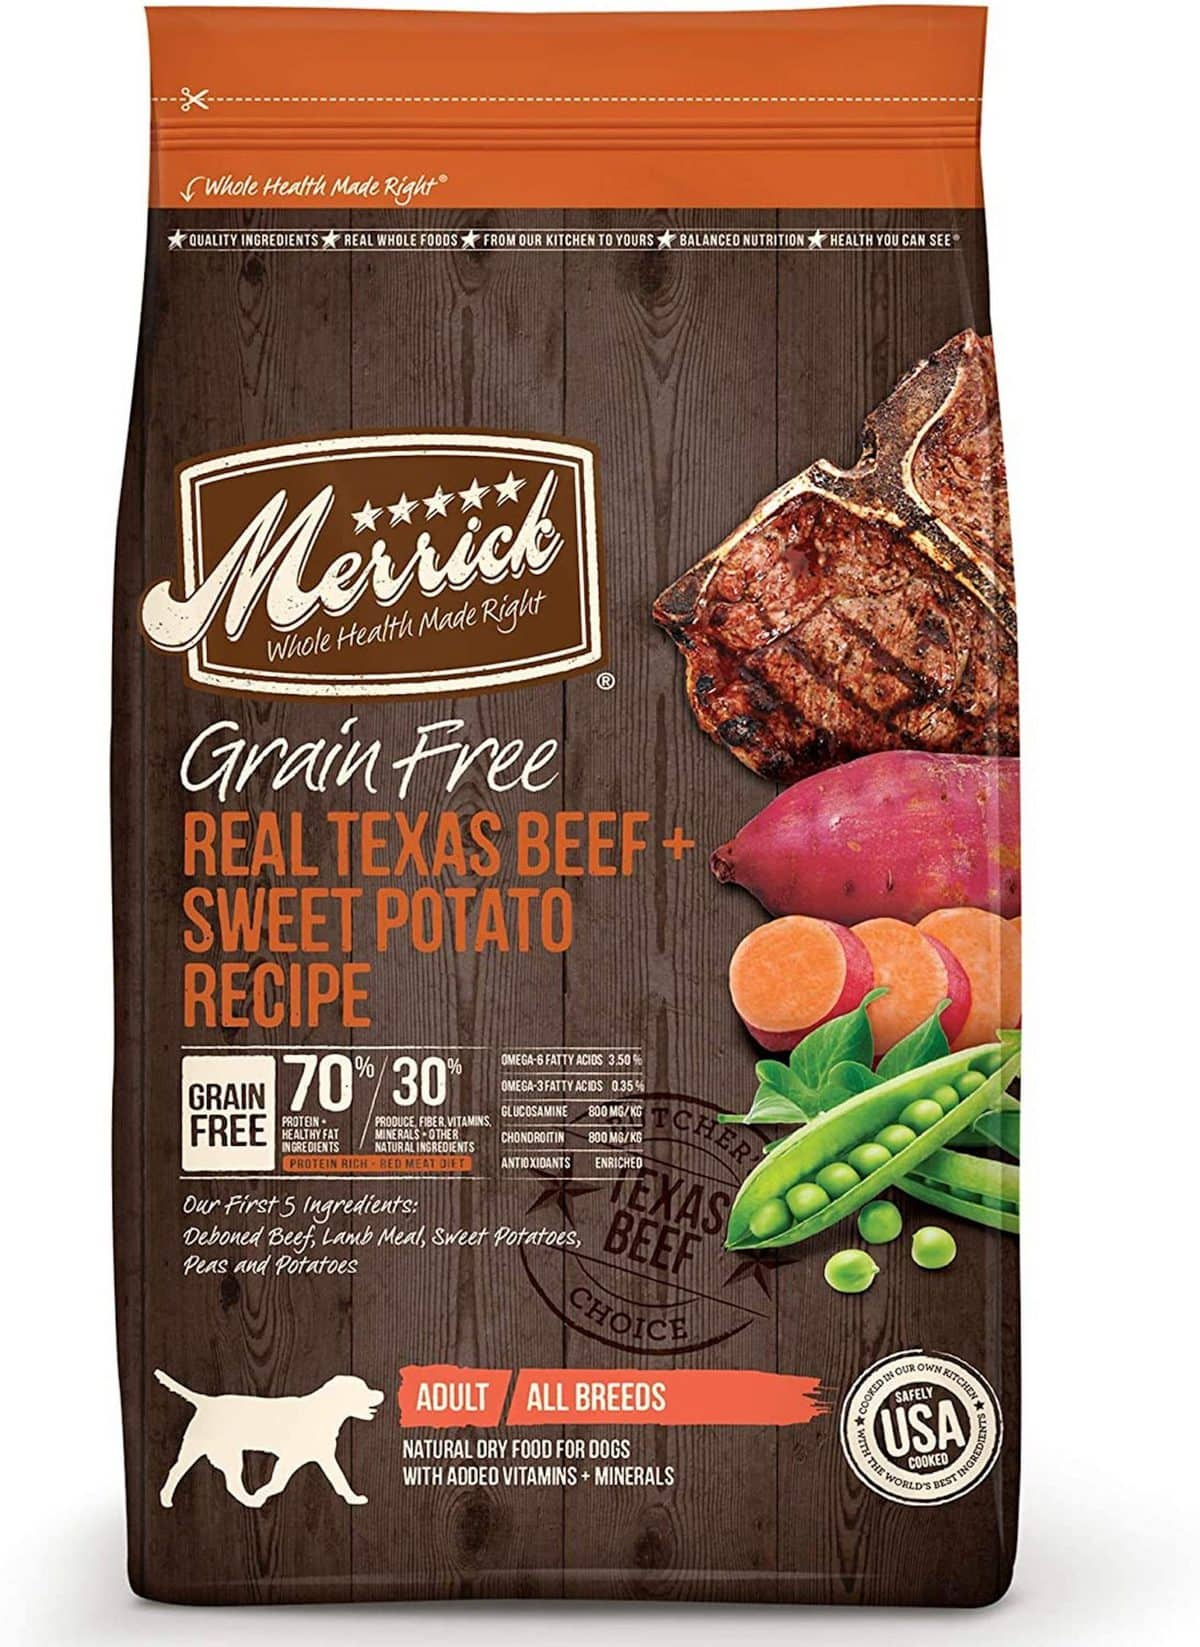 Merrick Texas Beef & Sweet Potato